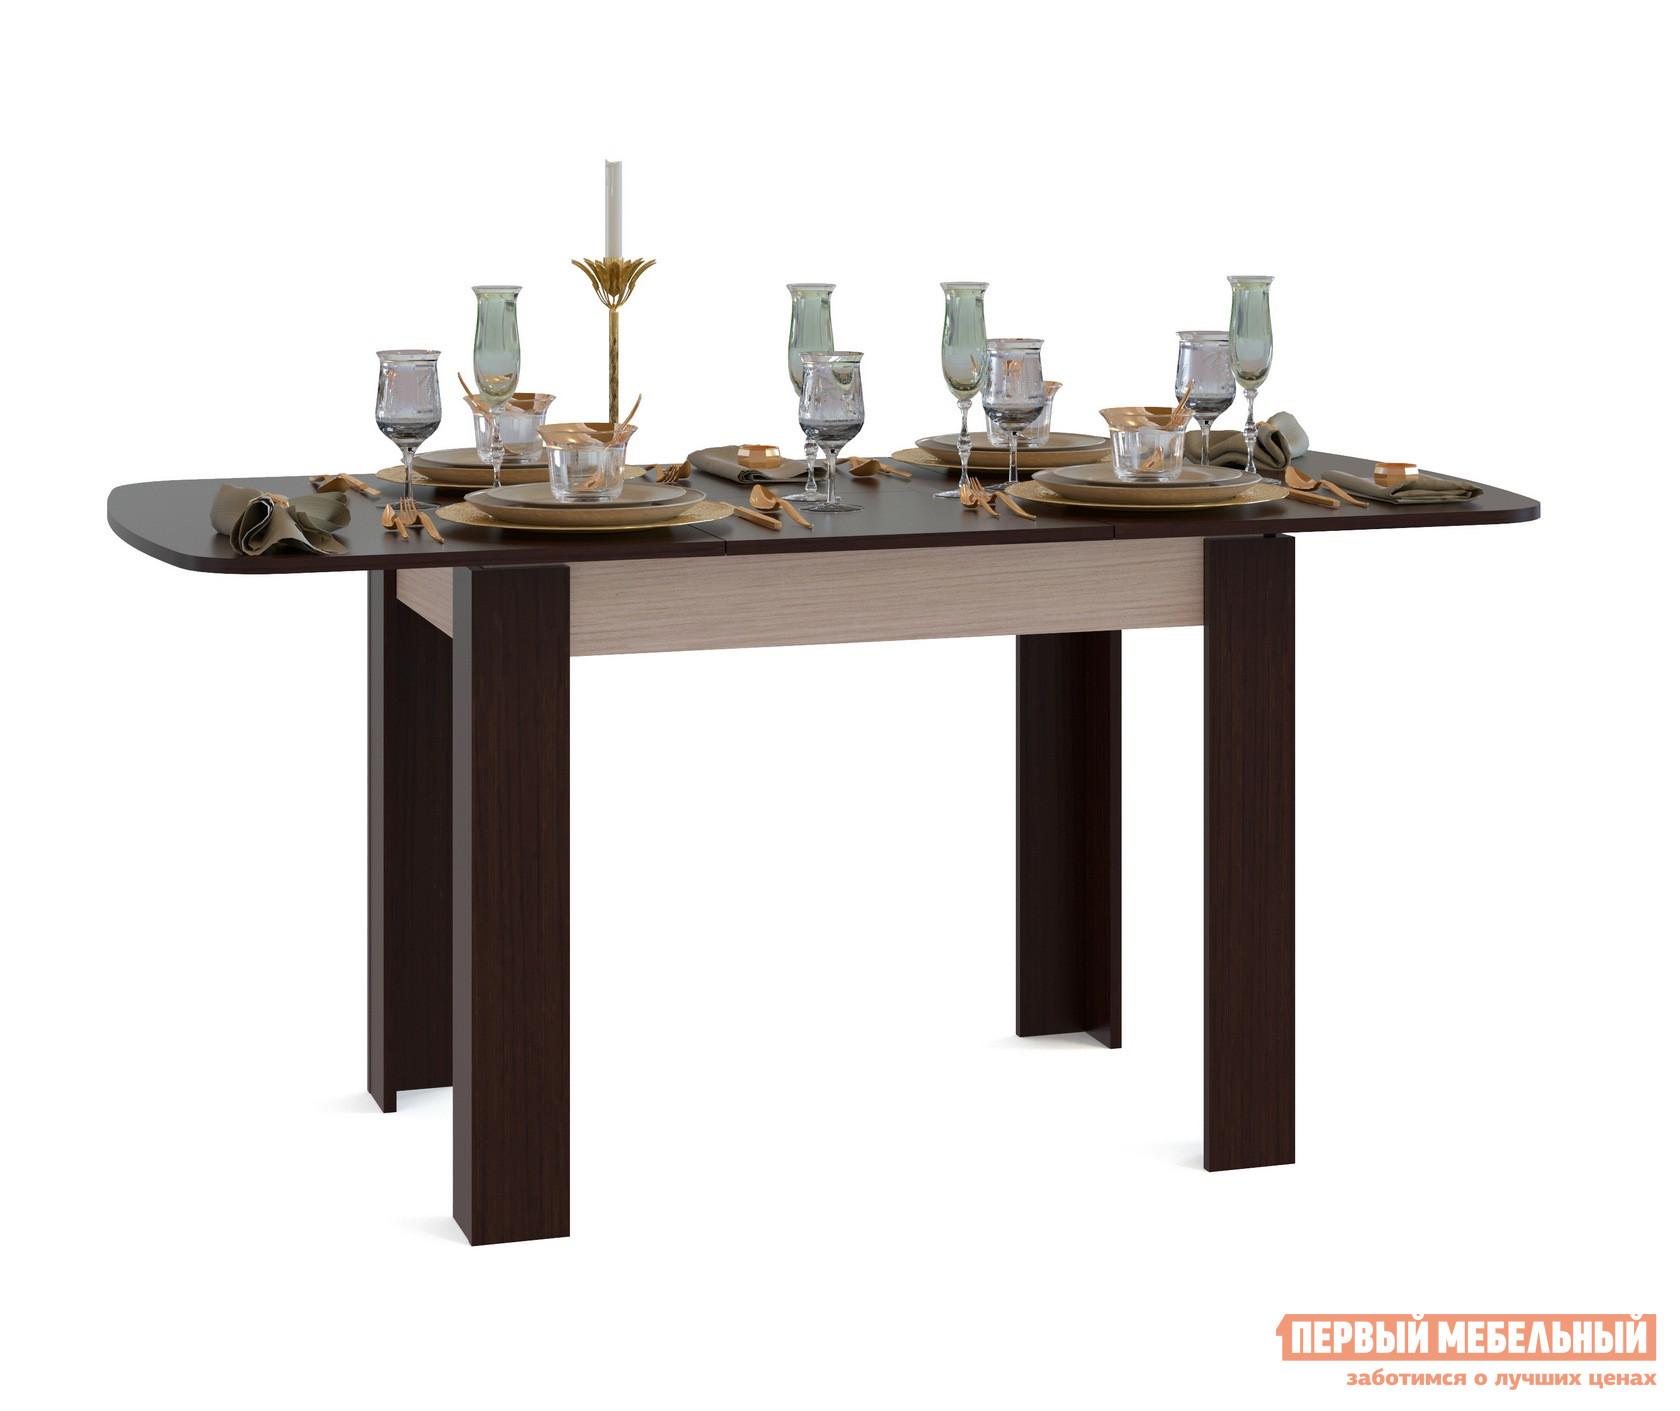 Кухонный стол Сокол СО-3 Подстолье Беленый дуб / Столешница, ножки ВенгеКухонные столы<br>Габаритные размеры ВхШхГ 756x1200 / 1646x800 мм. Большой обеденный стол в стильных контрастных оттенках.  Угловое оформление ножек делает стол устойчивым и надежным в использовании, а закругленные края столешницы снижают травмоопасность.  Модель современна и лаконична, она будет гармоничным дополнением практически любого интерьера кухни. Стол оборудован раскладным механизмом «бабочка», который позволяет увеличит размеры столешницы до 1646 мм за счет дополнительной вставки размером 446 мм.  В сложенном состоянии вставка храниться внутри стола. Изделие изготавливается из ЛДСП толщиной 16 мм. Столешница обработана кромкой ПВХ толщиной 2 мм, остальные детали в кромке ПВХ 0,4 мм. Рекомендуем сохранить инструкцию по сборке (паспорт изделия) до истечения гарантийного срока.<br><br>Цвет: Подстолье Беленый дуб / Столешница, ножки Венге<br>Цвет: Темное-cветлое дерево<br>Высота мм: 756<br>Ширина мм: 1200 / 1646<br>Глубина мм: 800<br>Кол-во упаковок: 1<br>Форма поставки: В разобранном виде<br>Срок гарантии: 2 года<br>Тип: Раскладные, Трансформер<br>Материал: Деревянные, из ЛДСП<br>Форма: Овальные<br>Размер: Маленькие